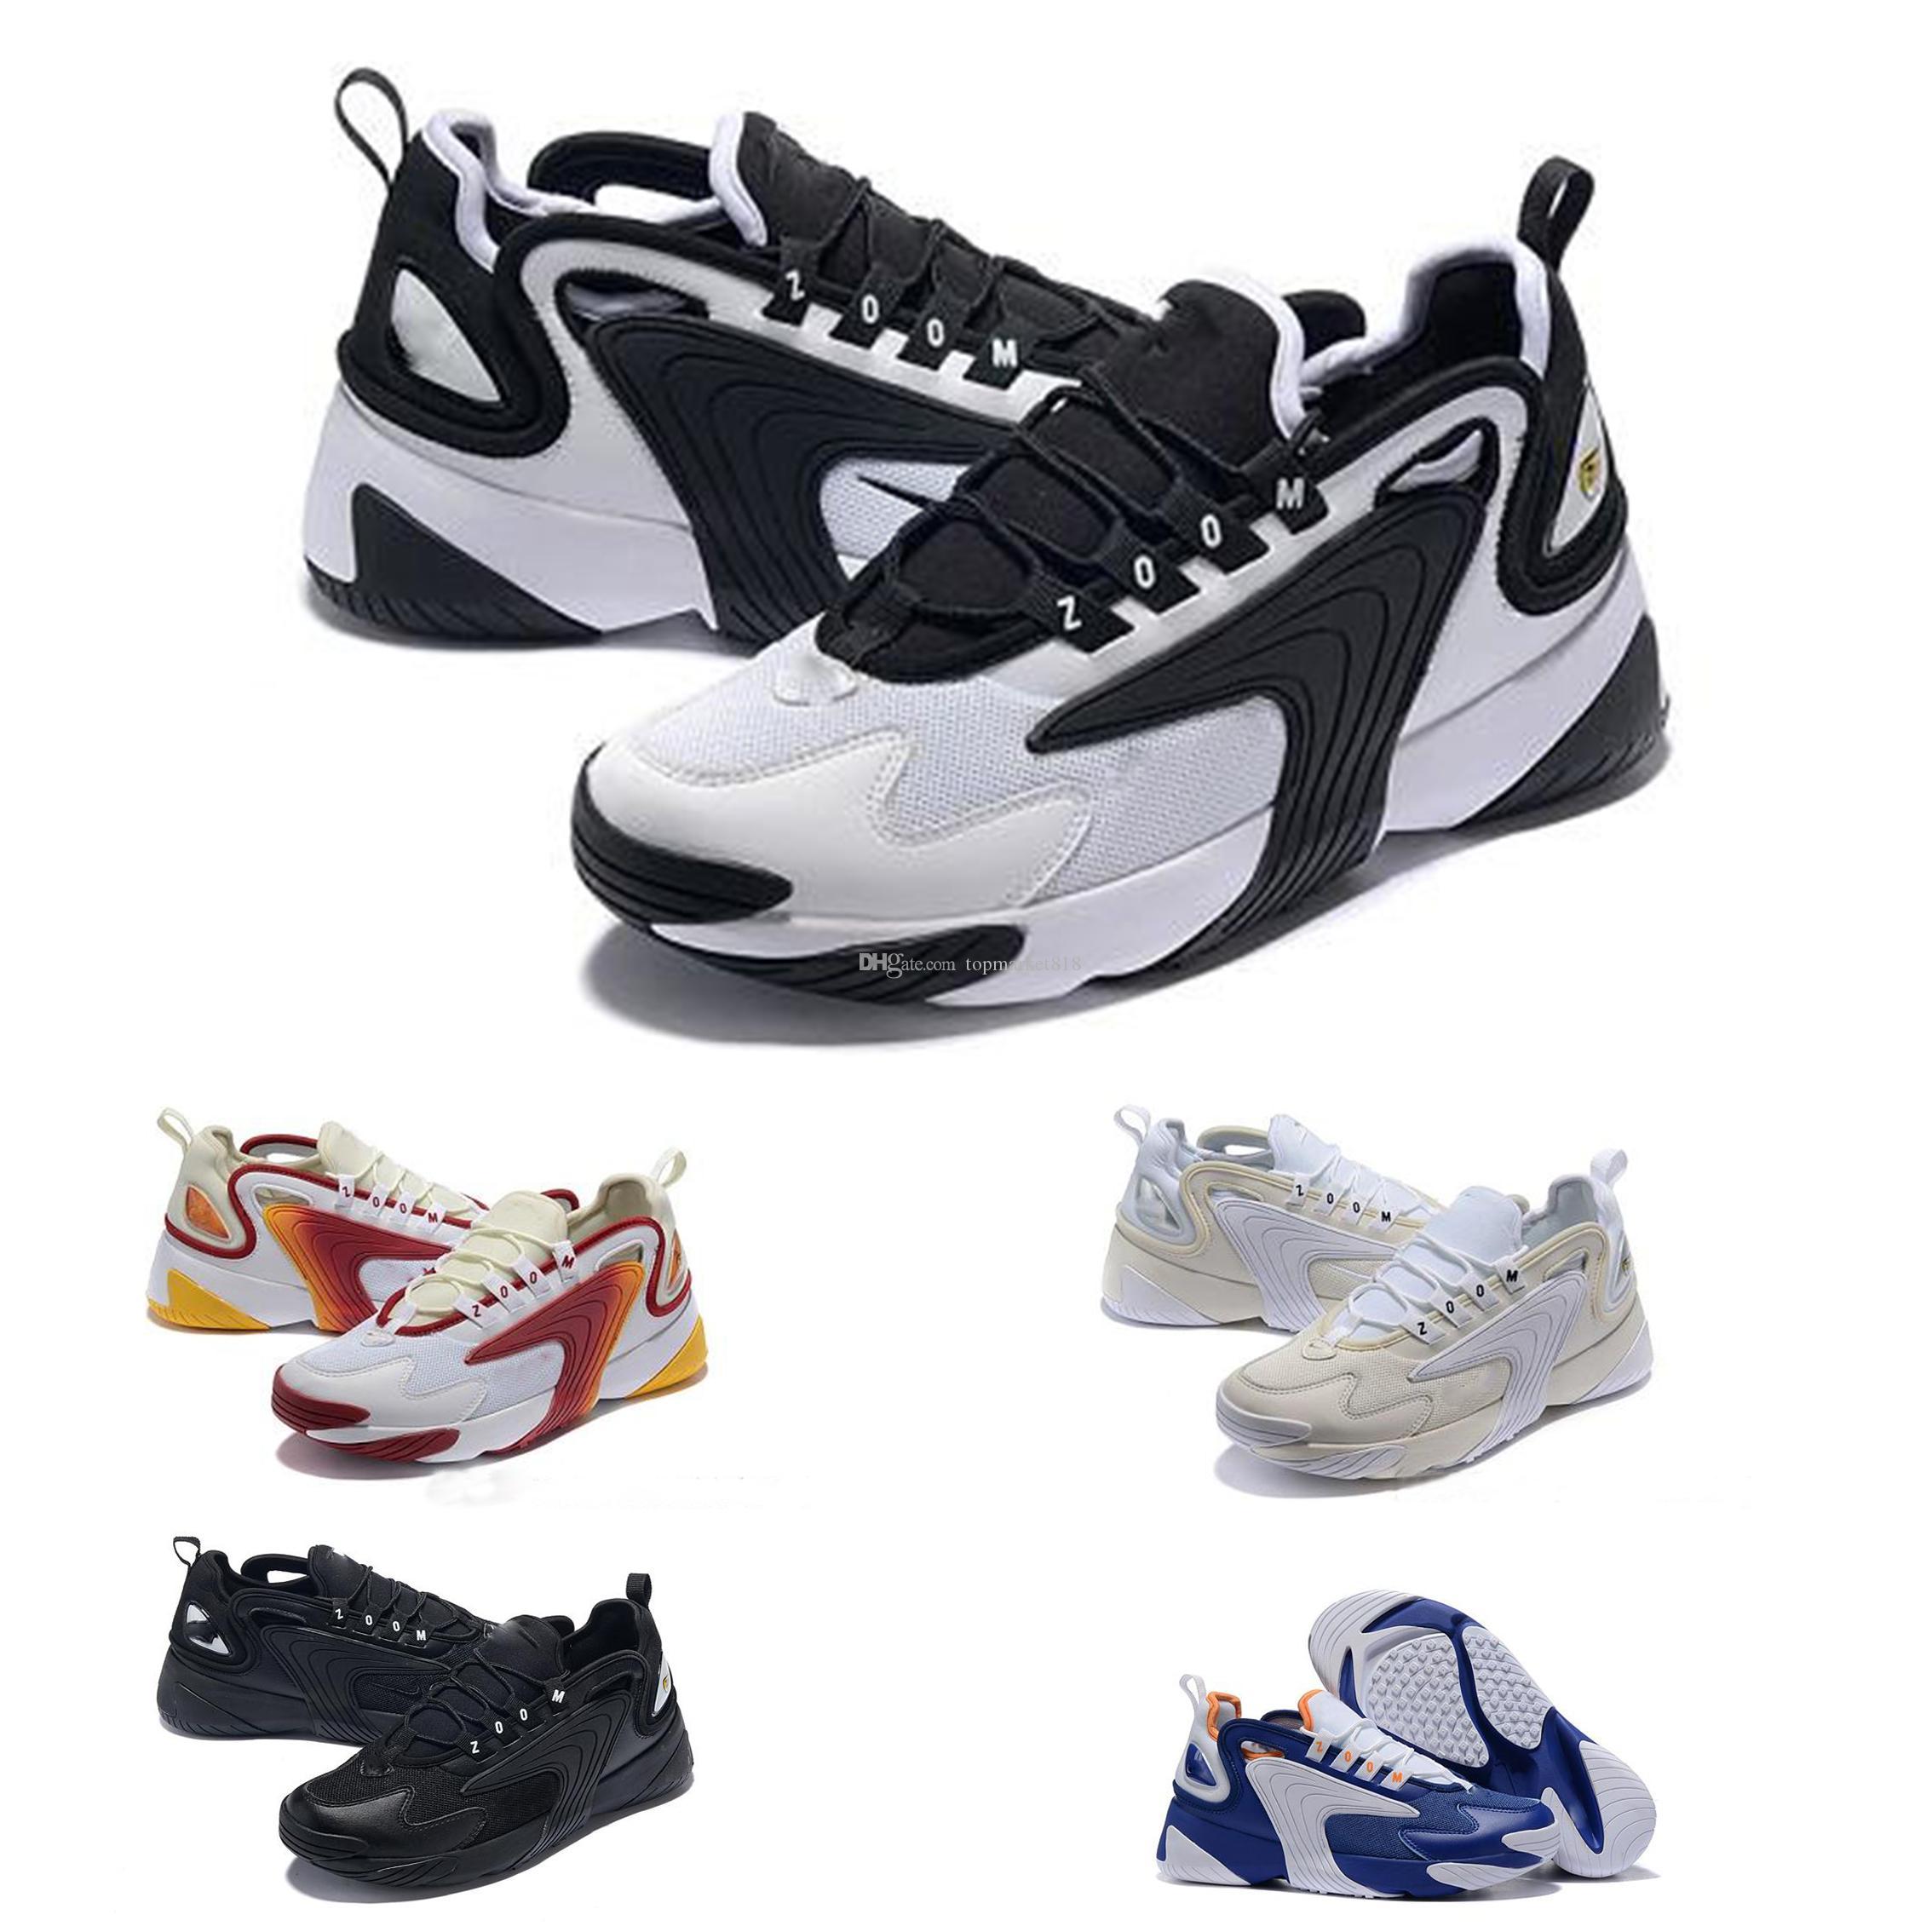 f328293a Compre M2k Tekno Zoom 2K ZM 2000 Hombres Estilo De Vida Al Aire Libre  Zapatos Casuales Negro Blanco Azul Naranja Zapatos Para Correr De Moda  Tamaño EE. UU.